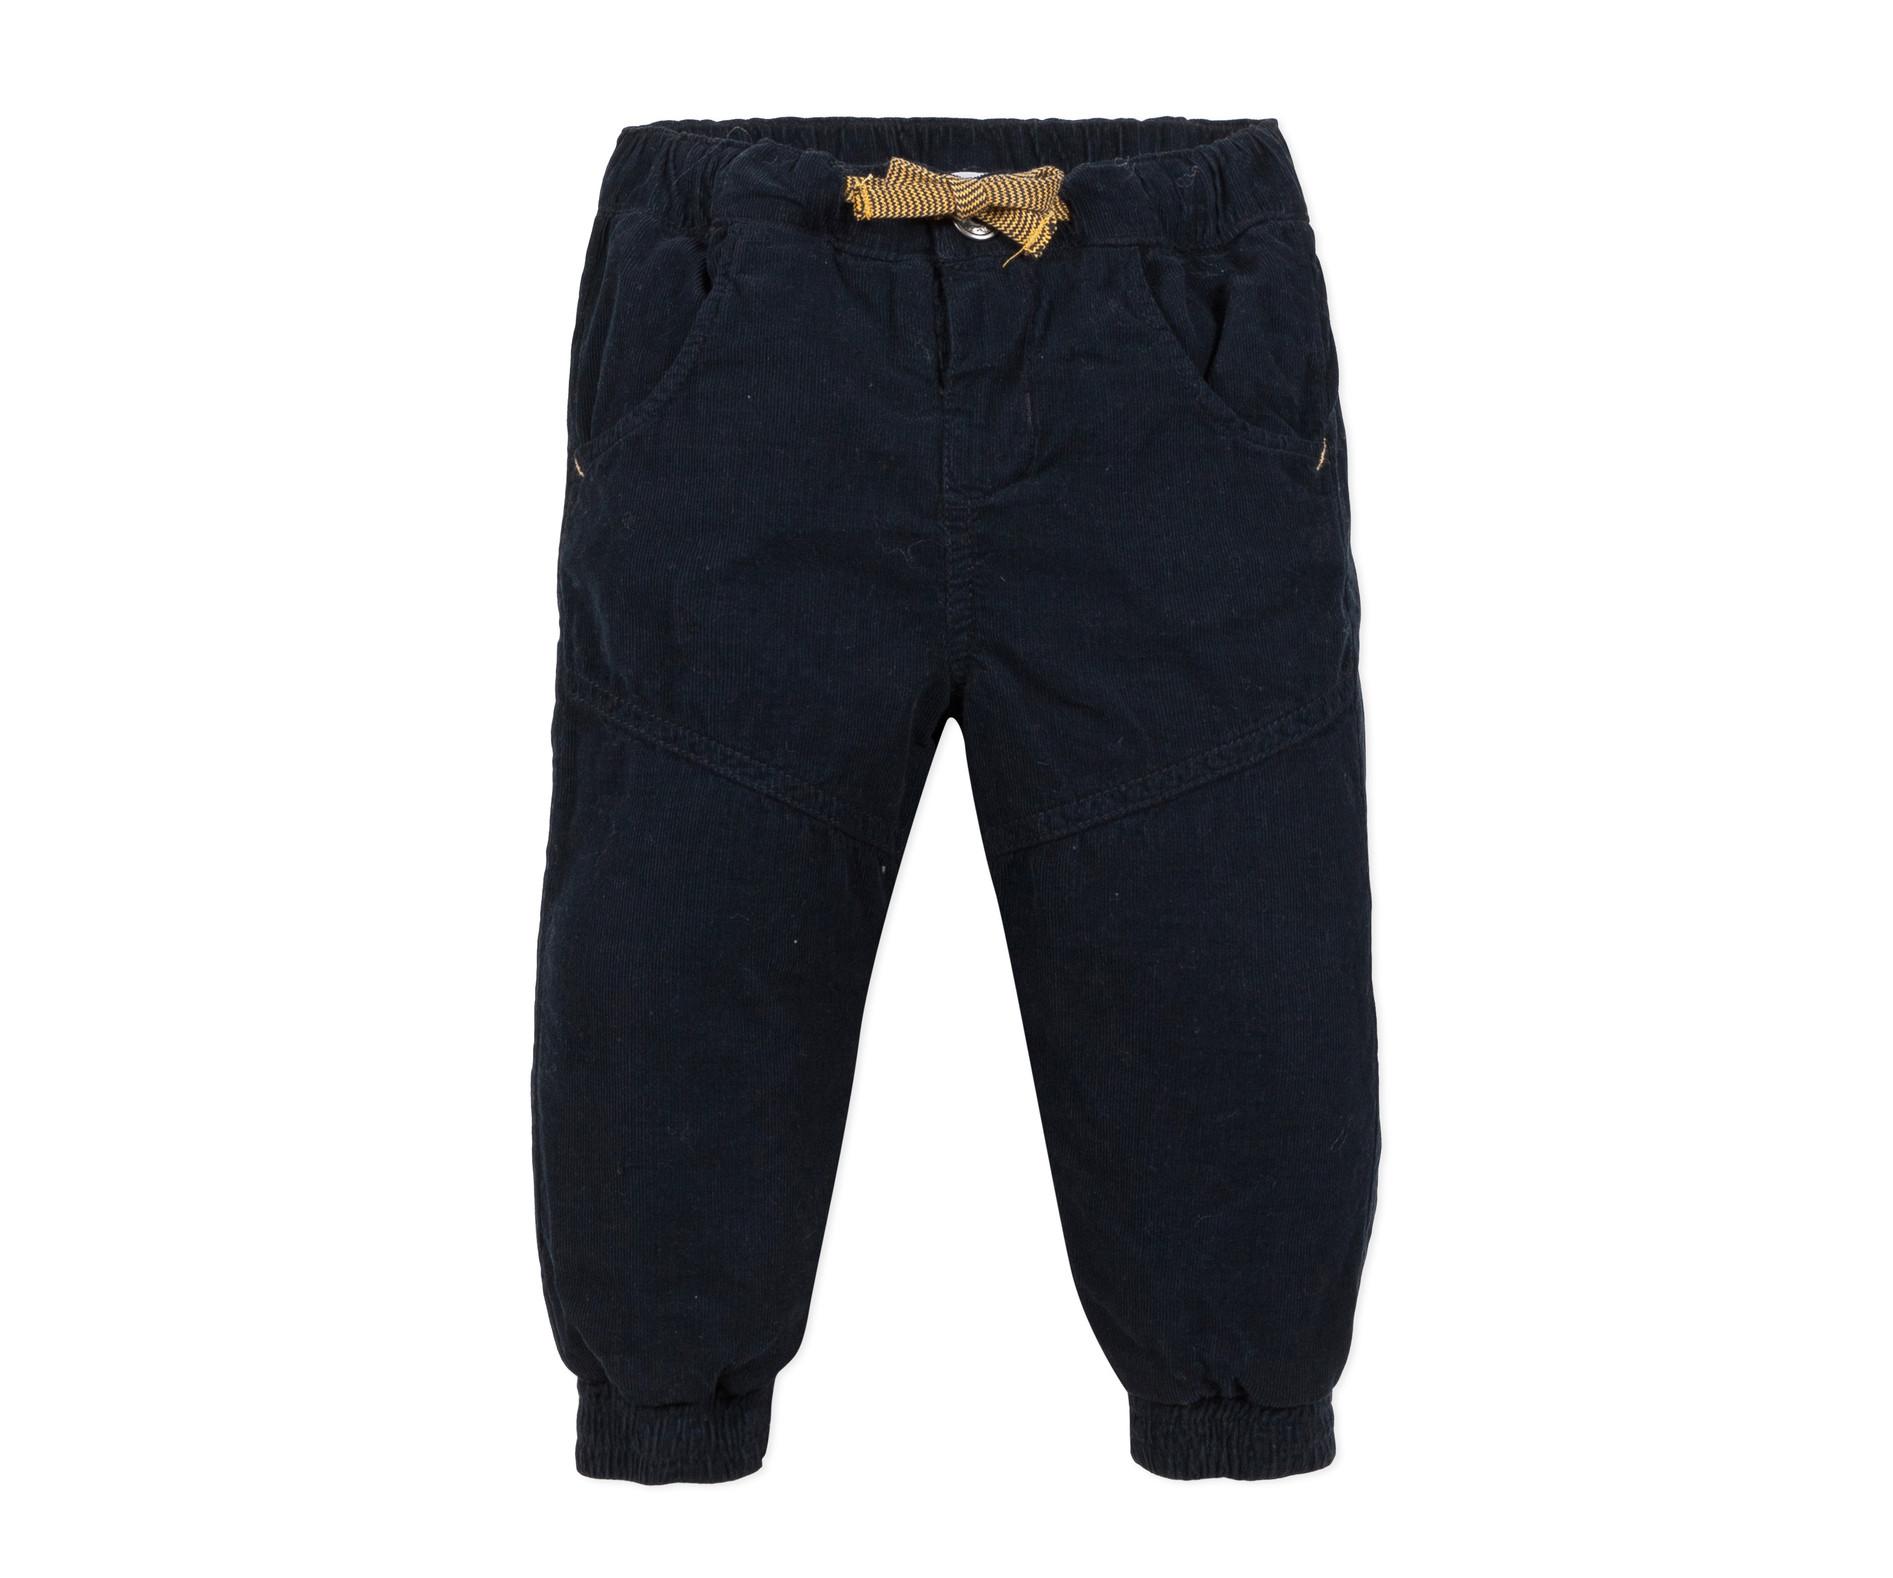 Детски панталон 3Pommes 3P22033-04, за момче на възраст 6 м. - 4 г.